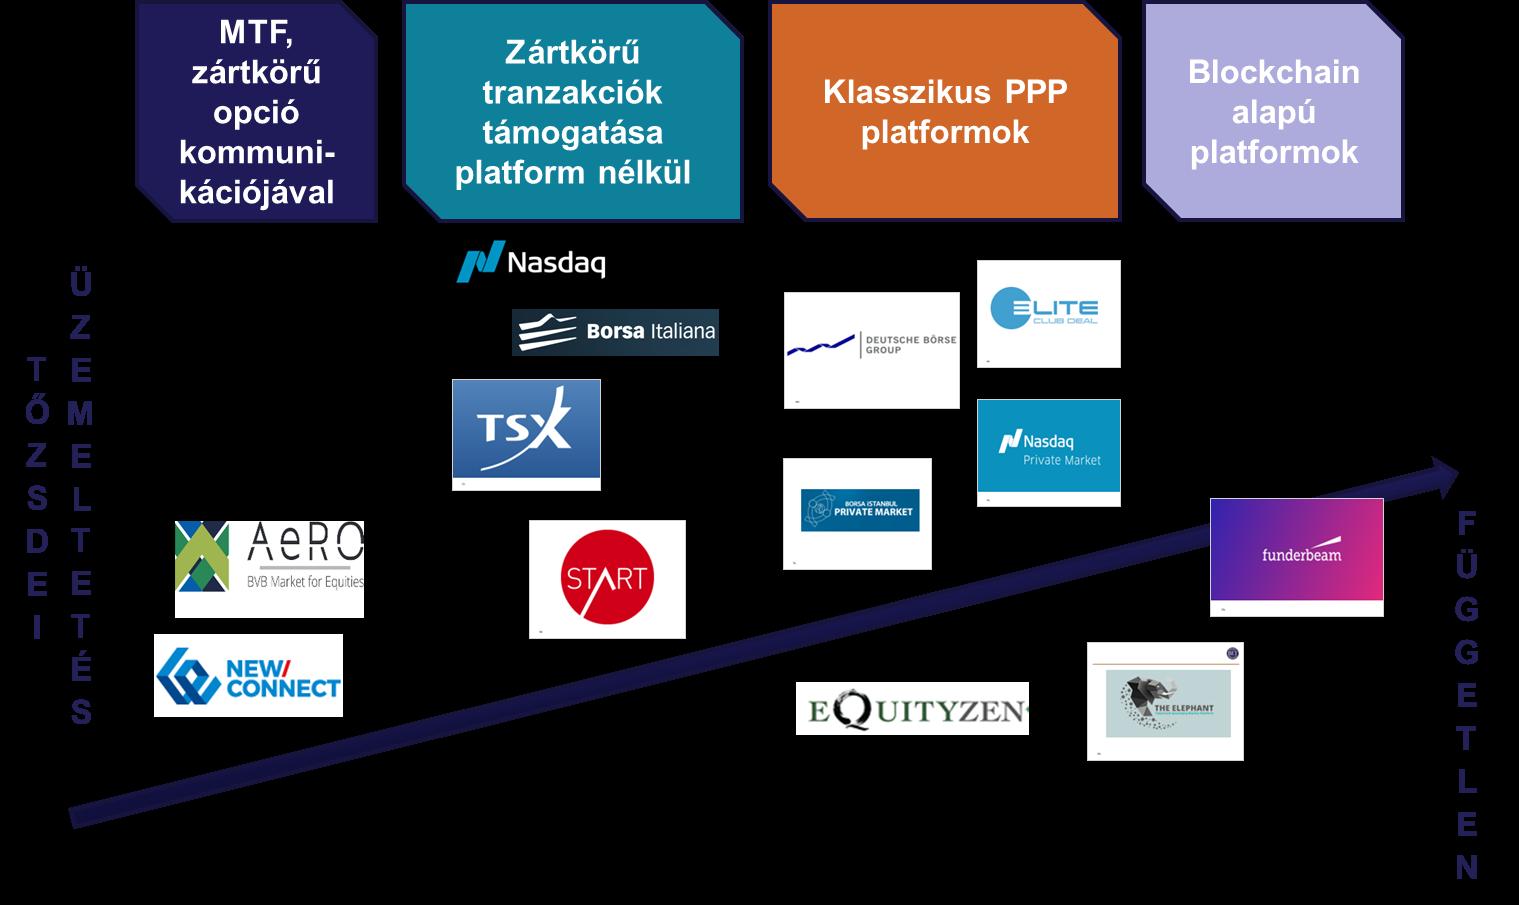 Melyik a legjobb kereskedési platform? Kereskedési platformok összehasonlítása